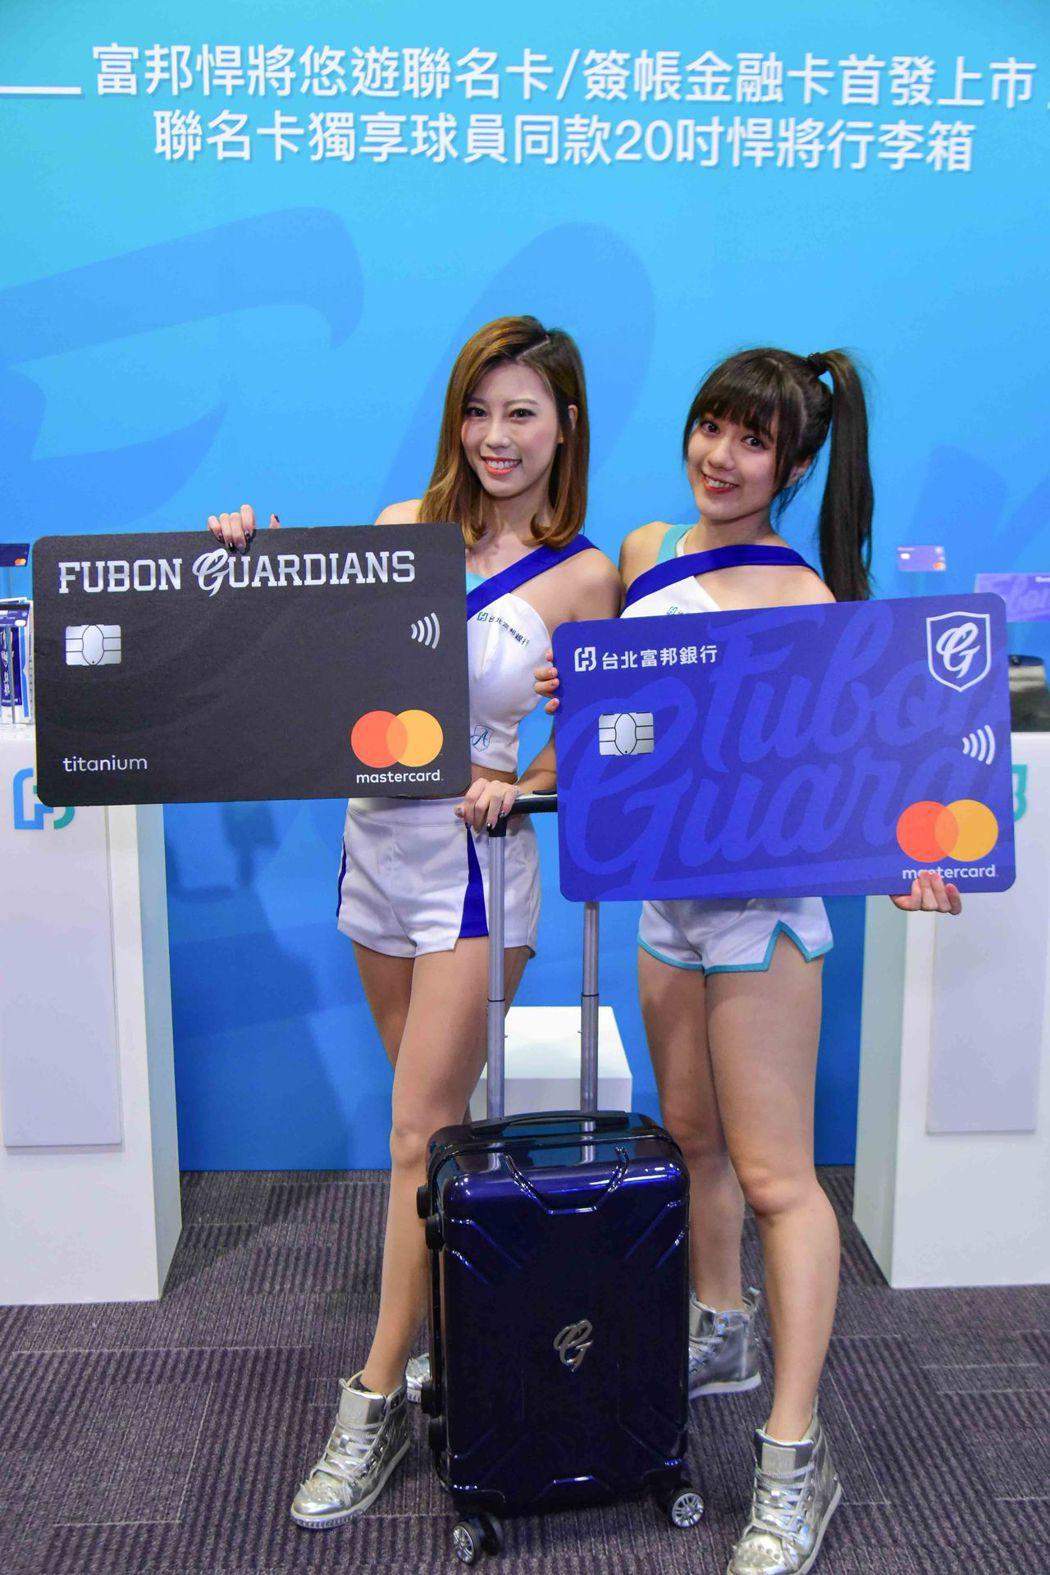 富邦Angels展示「富邦悍將悠遊聯名卡」、「富邦悍將悠遊聯名簽帳金融卡」。富邦...